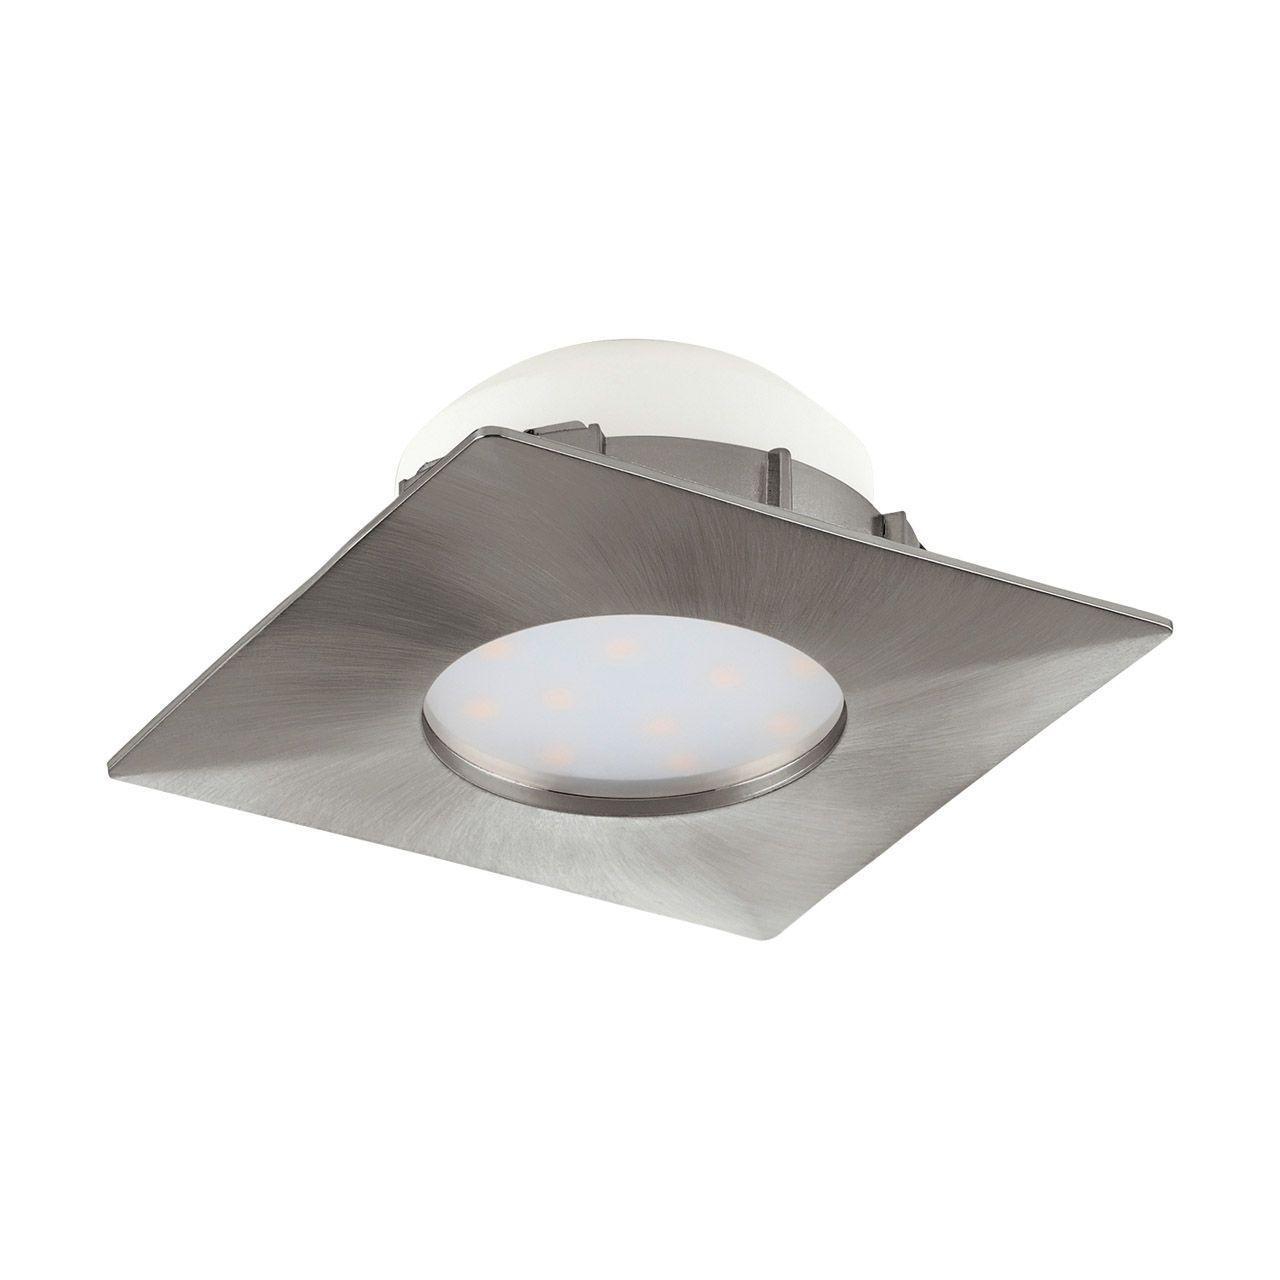 Встраиваемый светодиодный светильник Eglo Pineda 95799 встраиваемый светодиодный светильник eglo pineda 95868